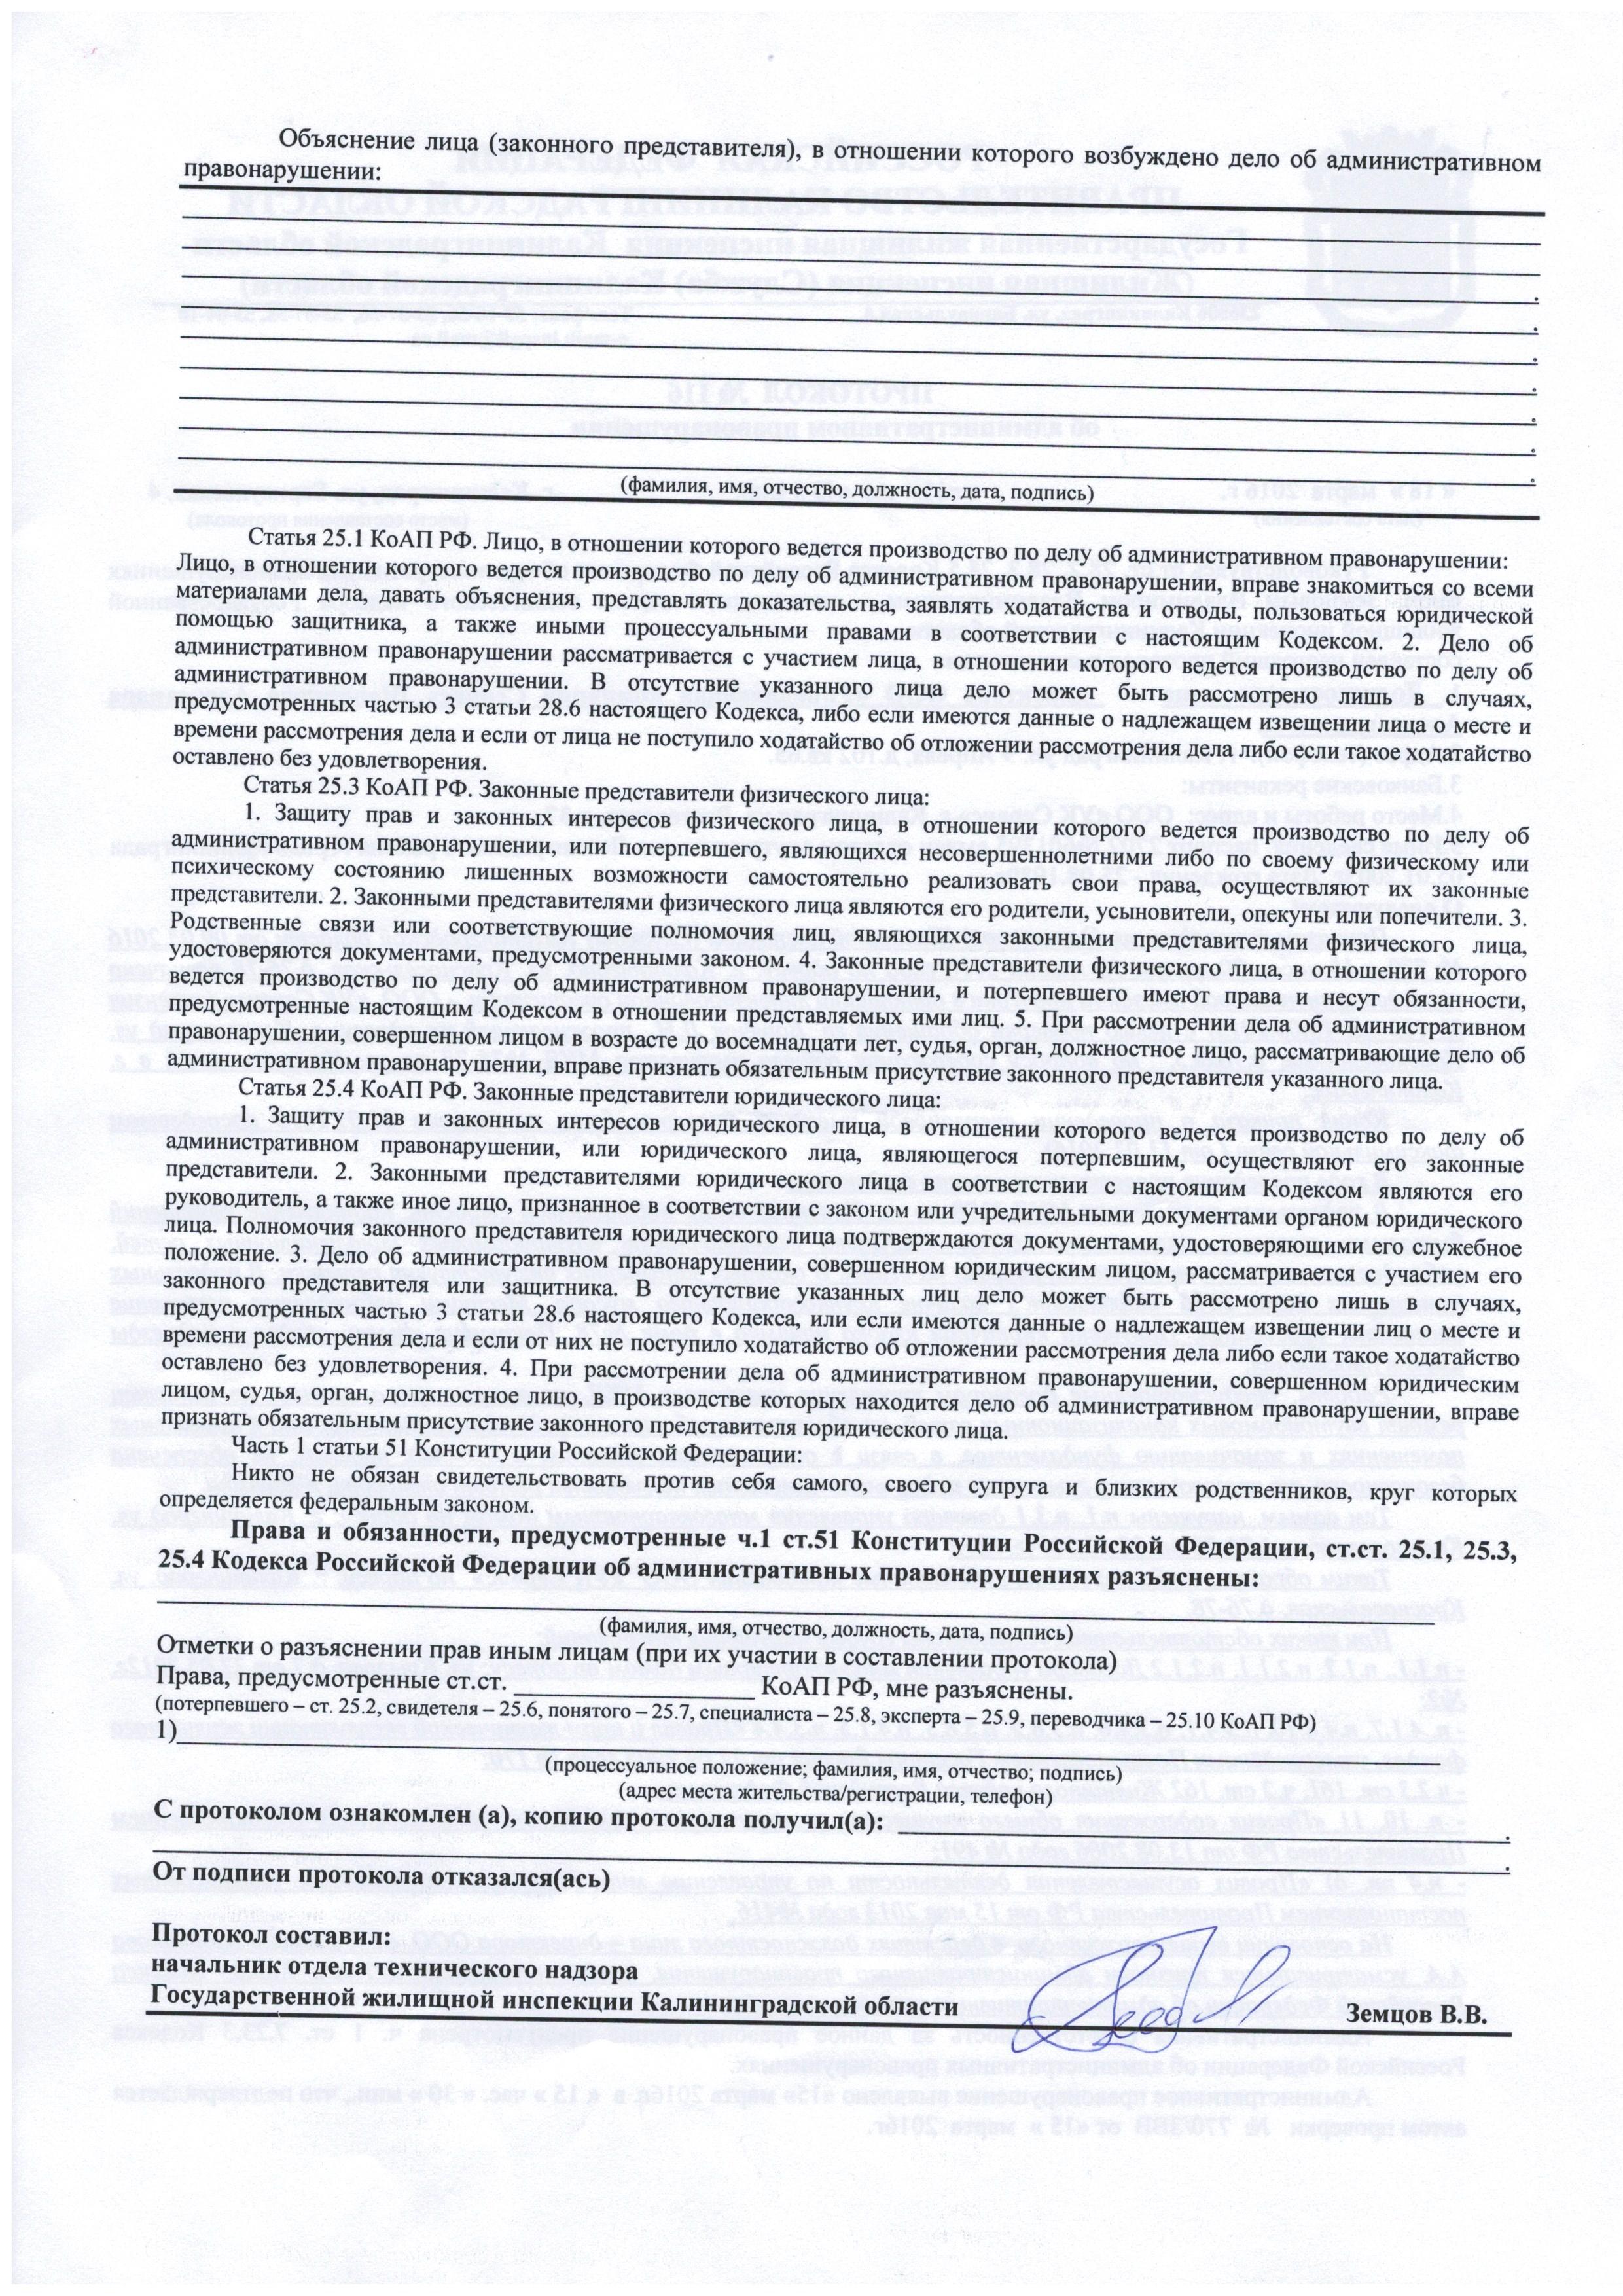 Протокол об административном правонарушении составляемый в отношении юридического лица исчезнувший